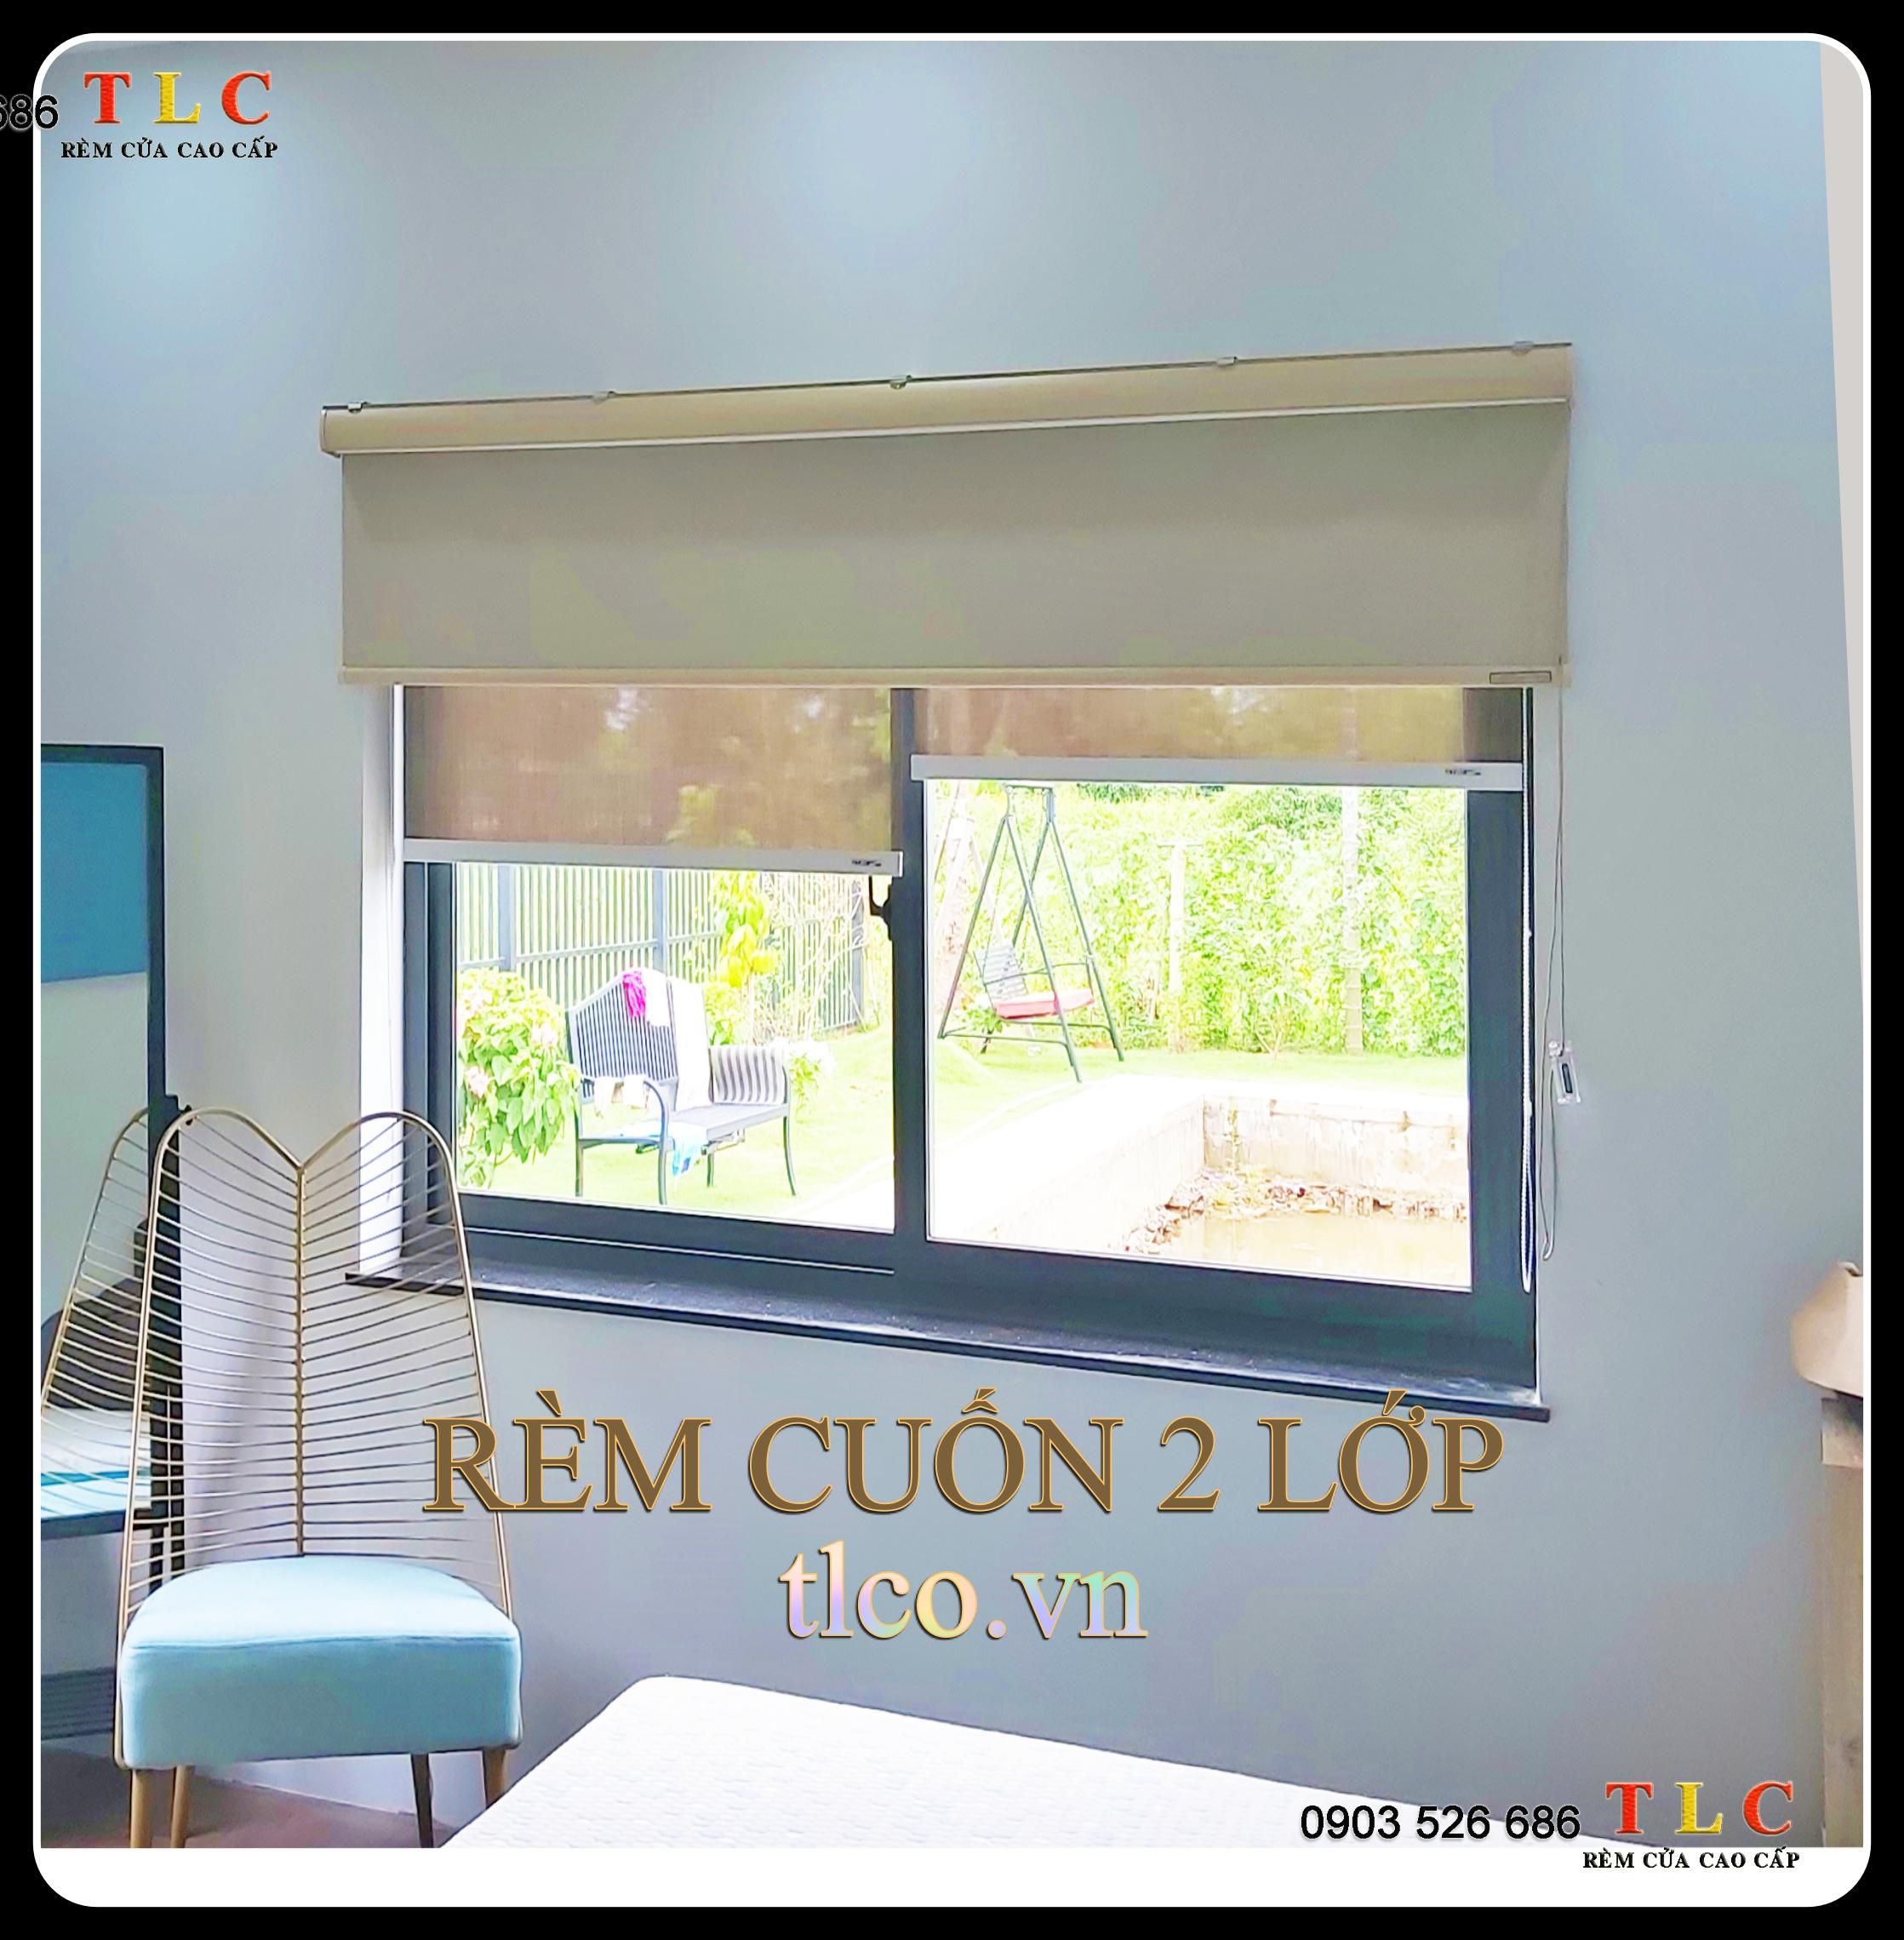 rem-cuon-2-lop